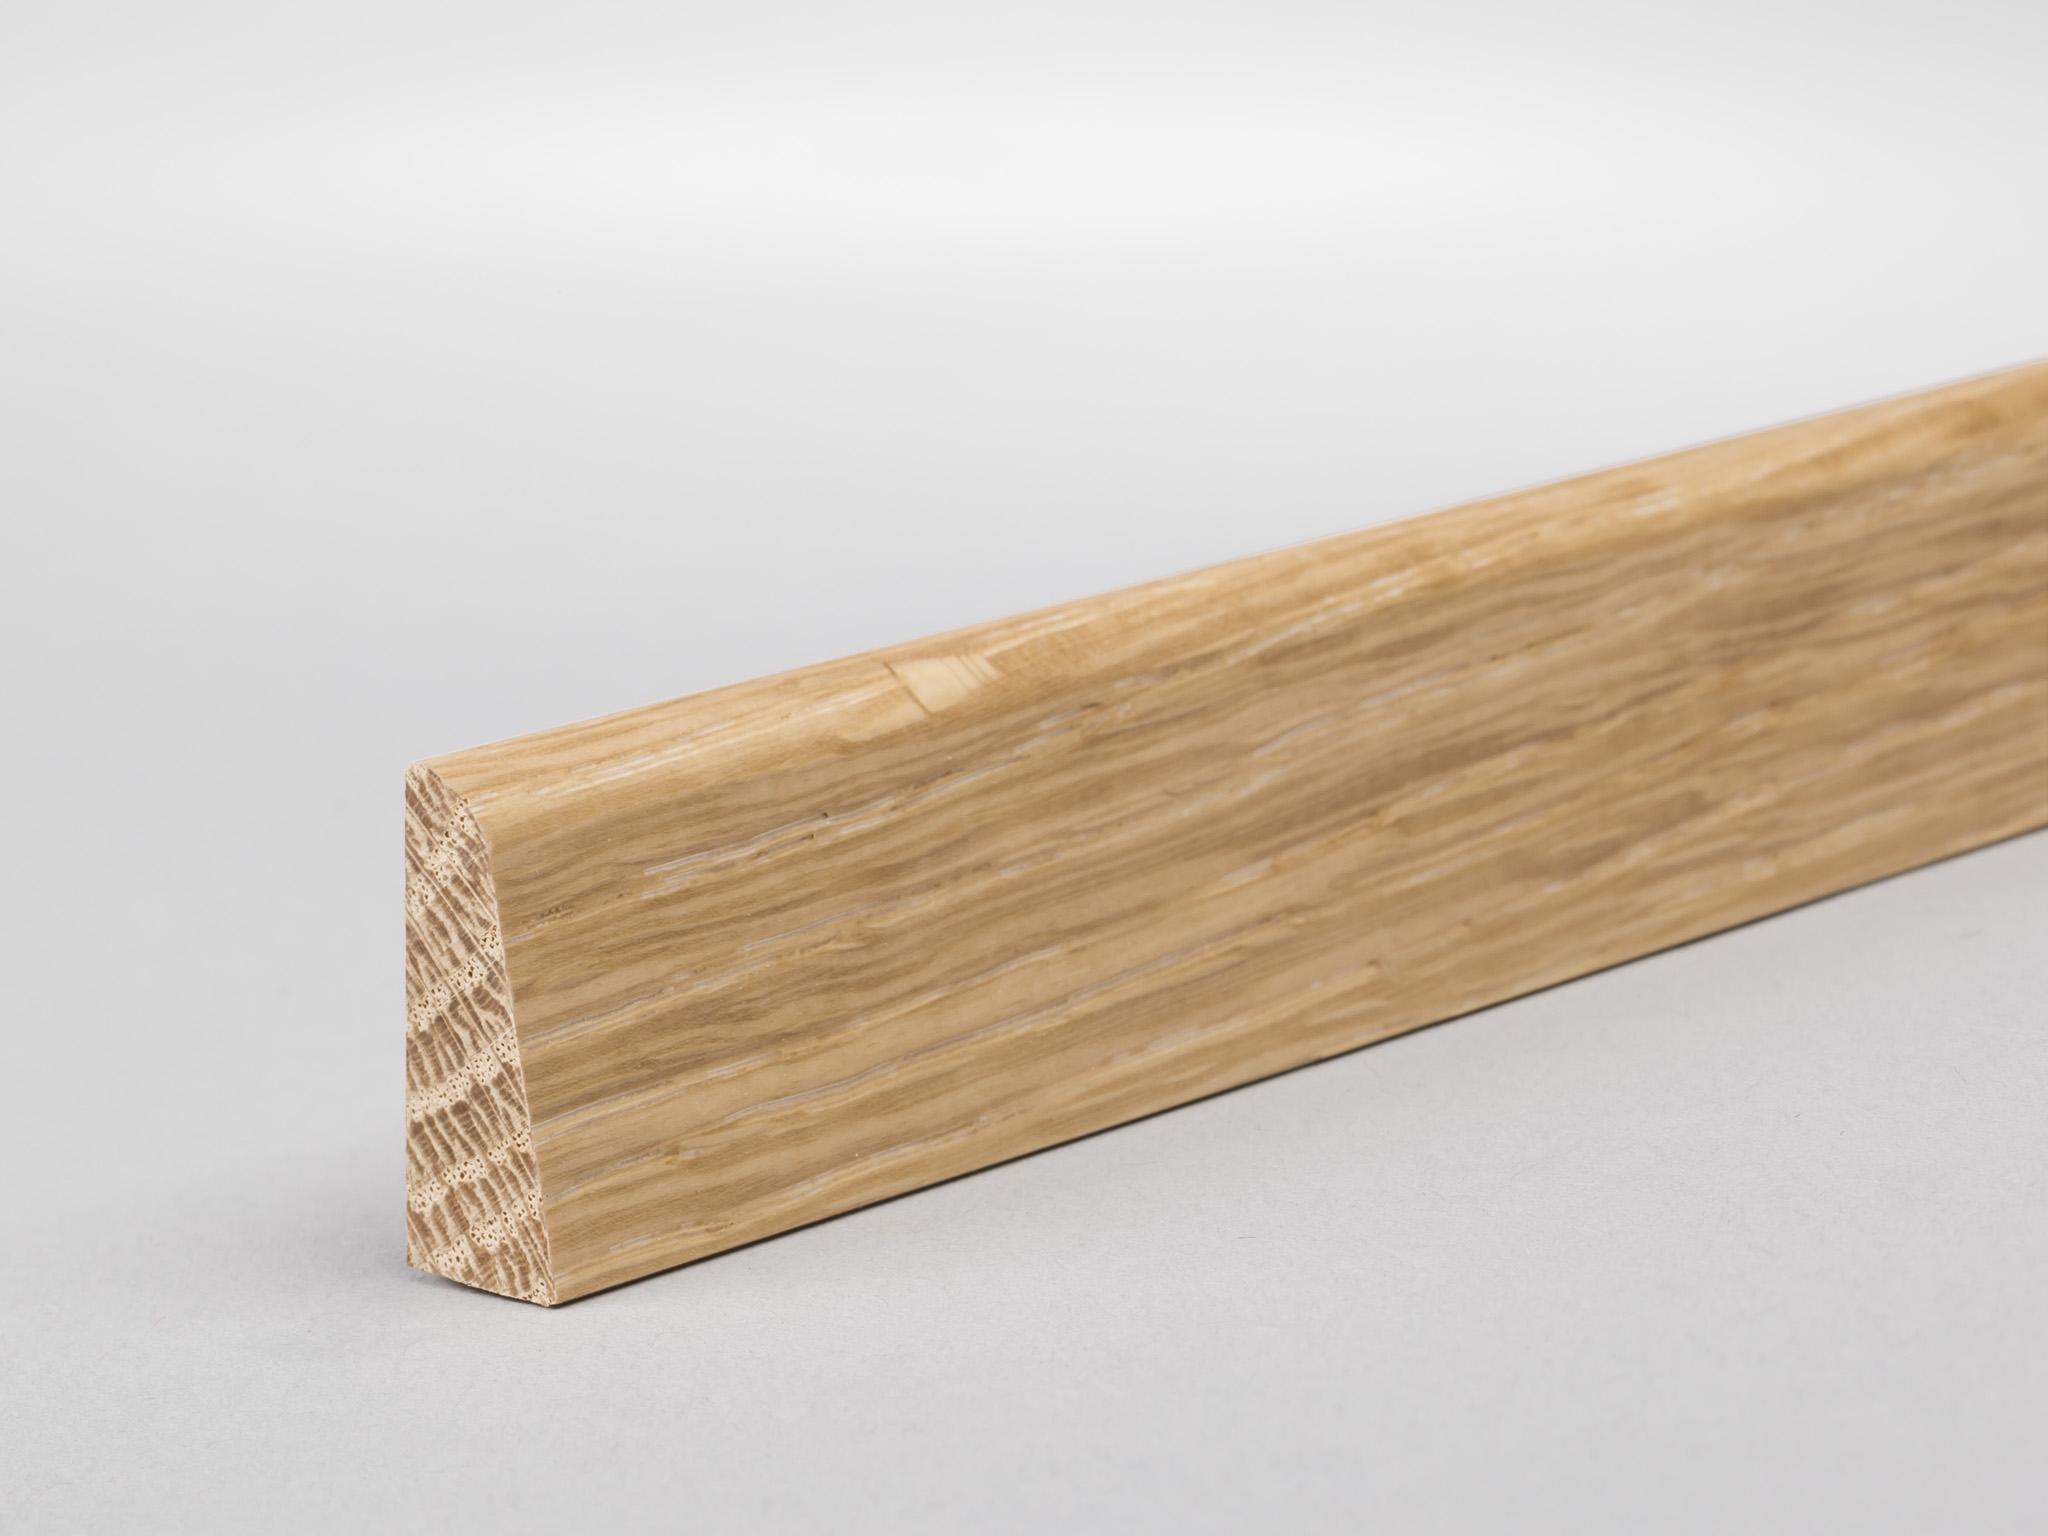 23x8 mm deckleisten / sockelleisten / fußleisten   fußleisten-welt